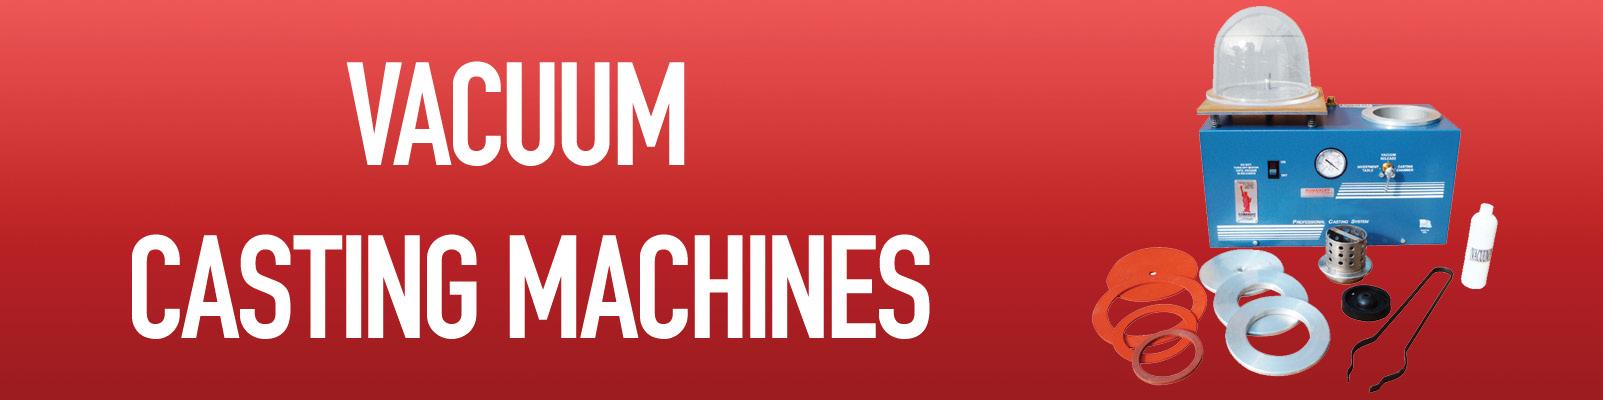 Vacuum Casting Machines